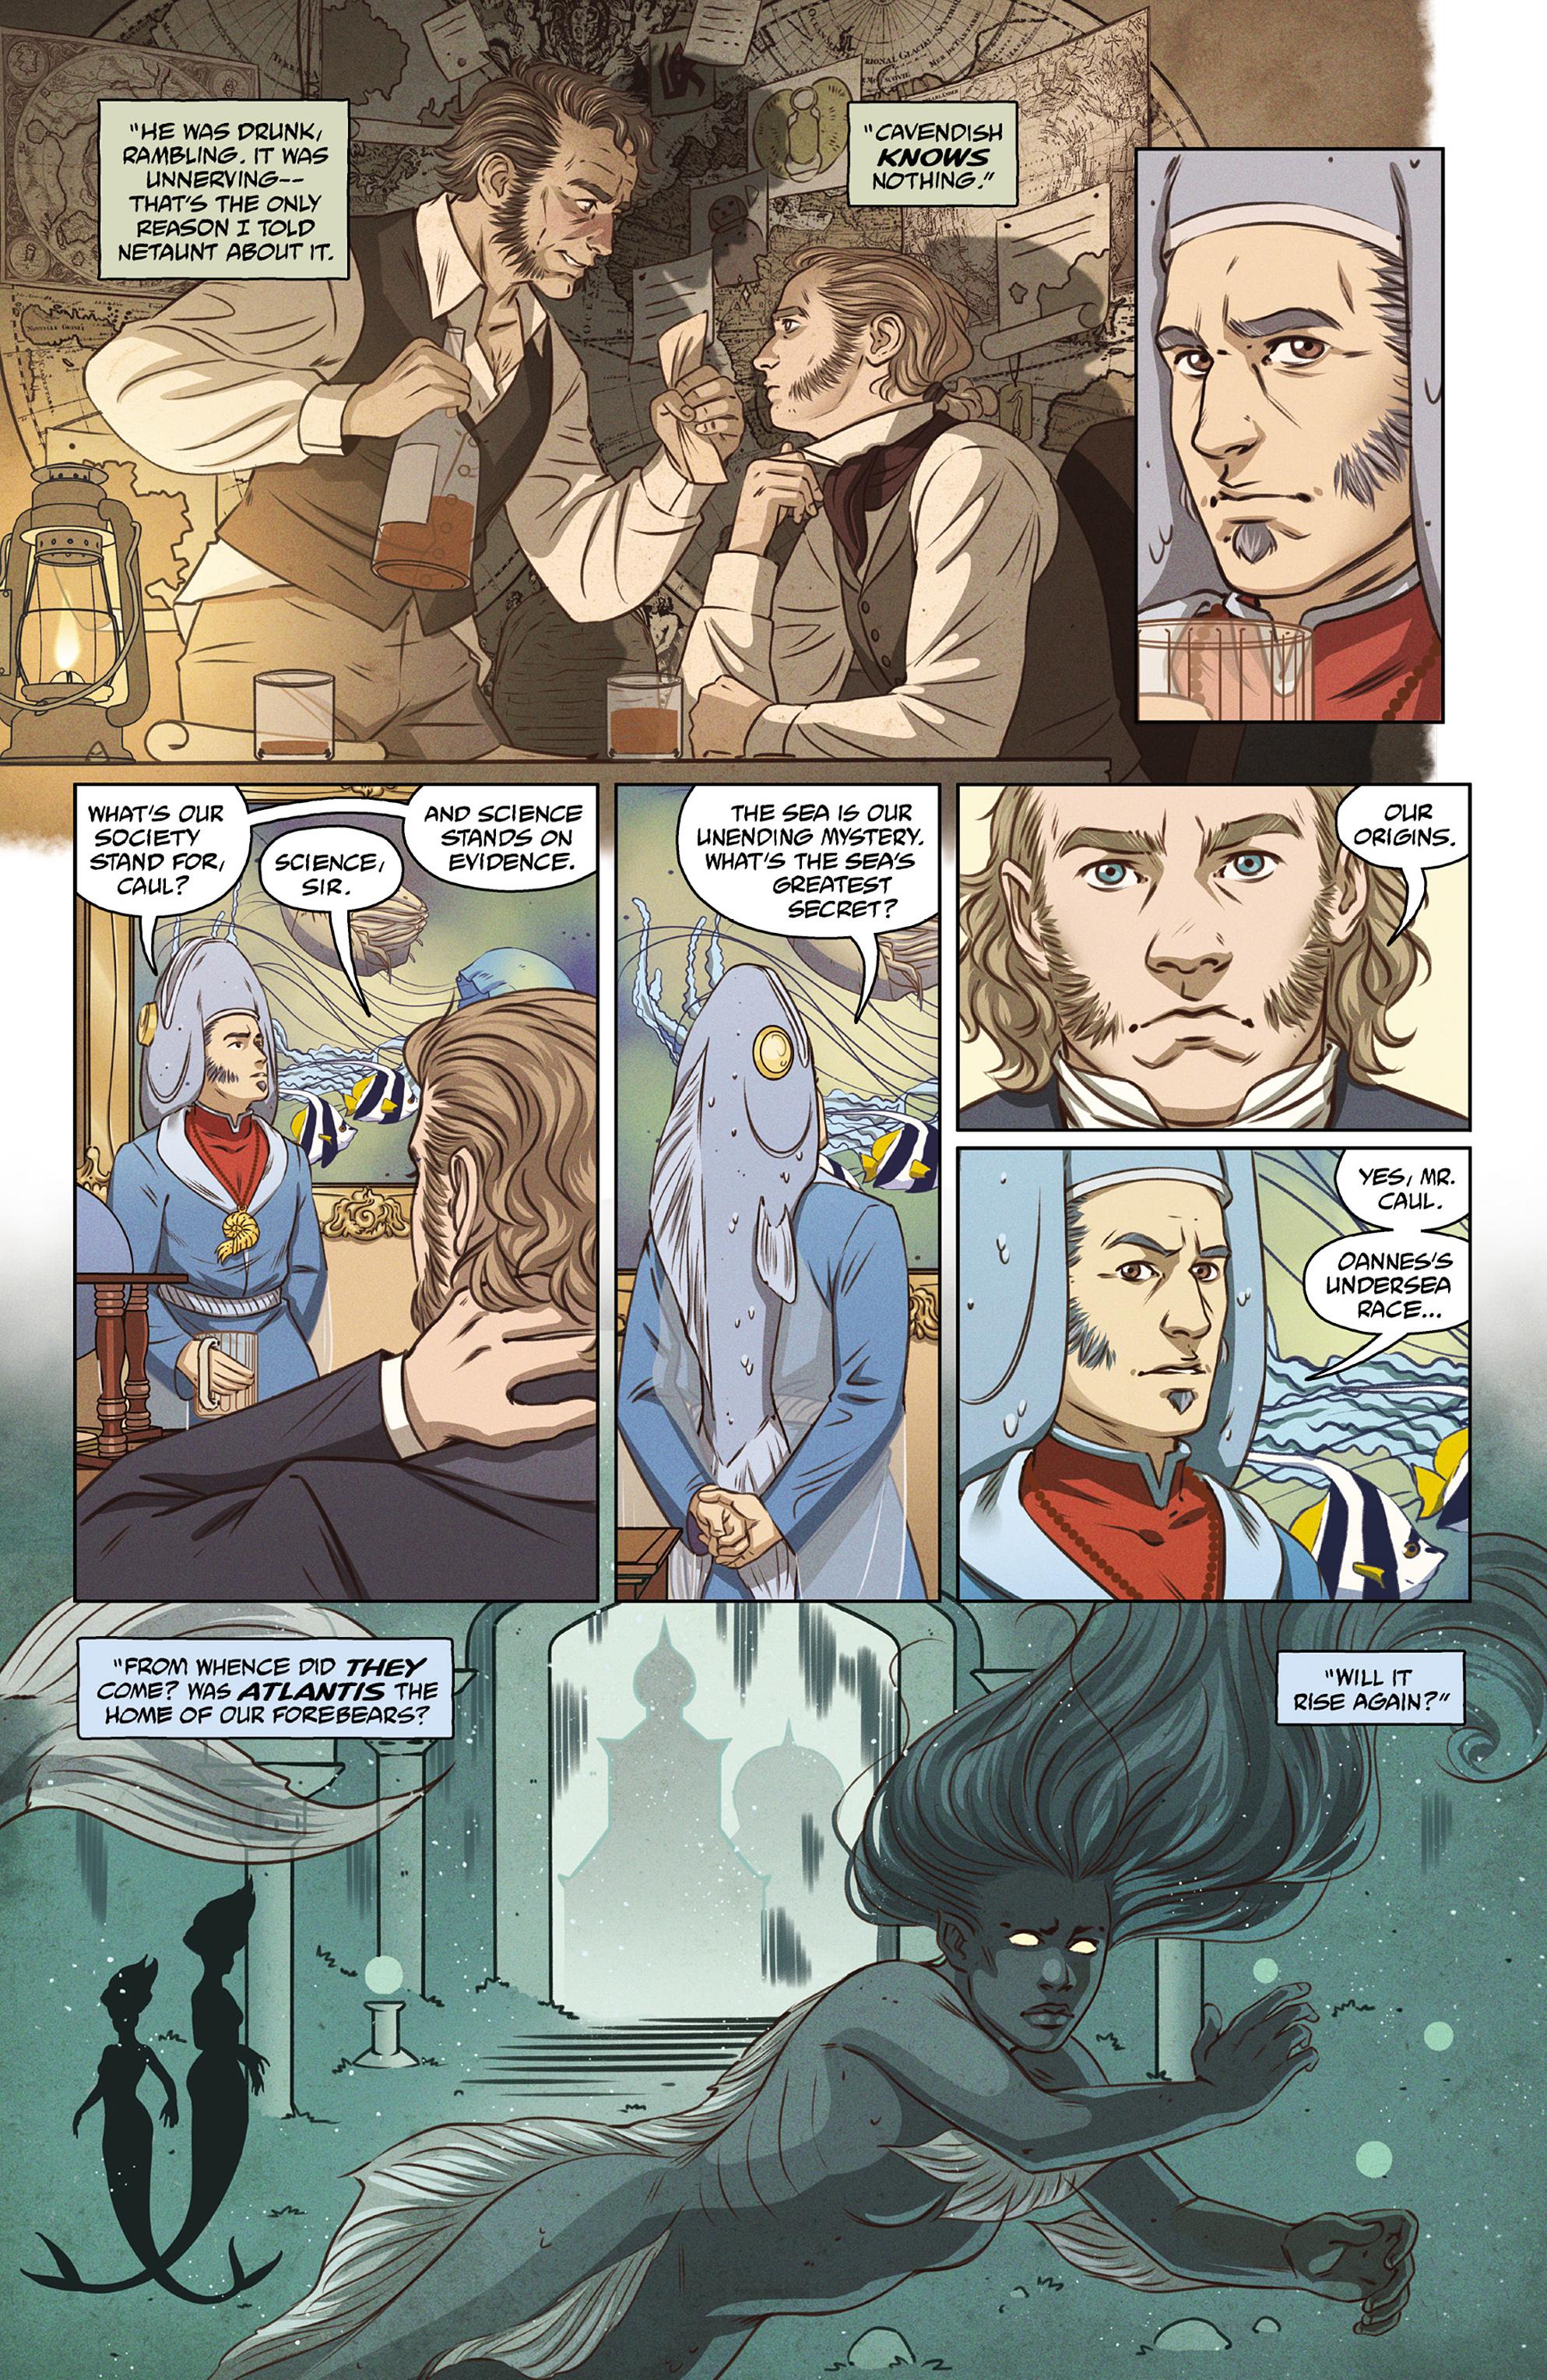 Read online Abe Sapien comic -  Issue #27 - 10